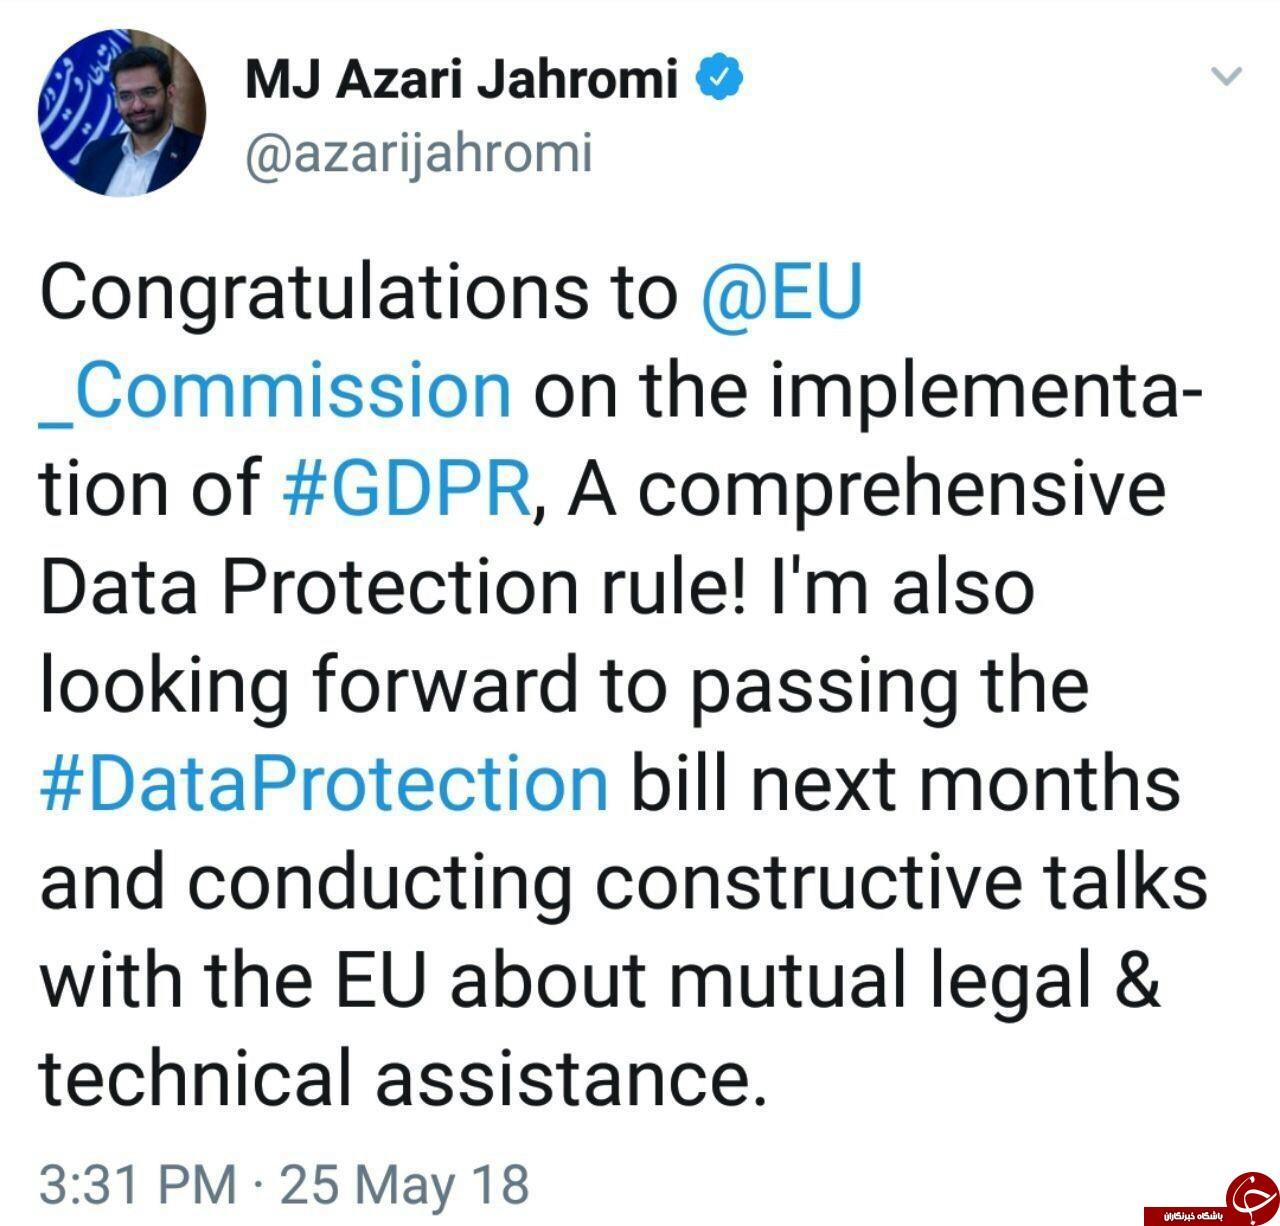 عزم وزارت ارتباطات برای حفاظت از دادهها و افزایش امنیت کاربران